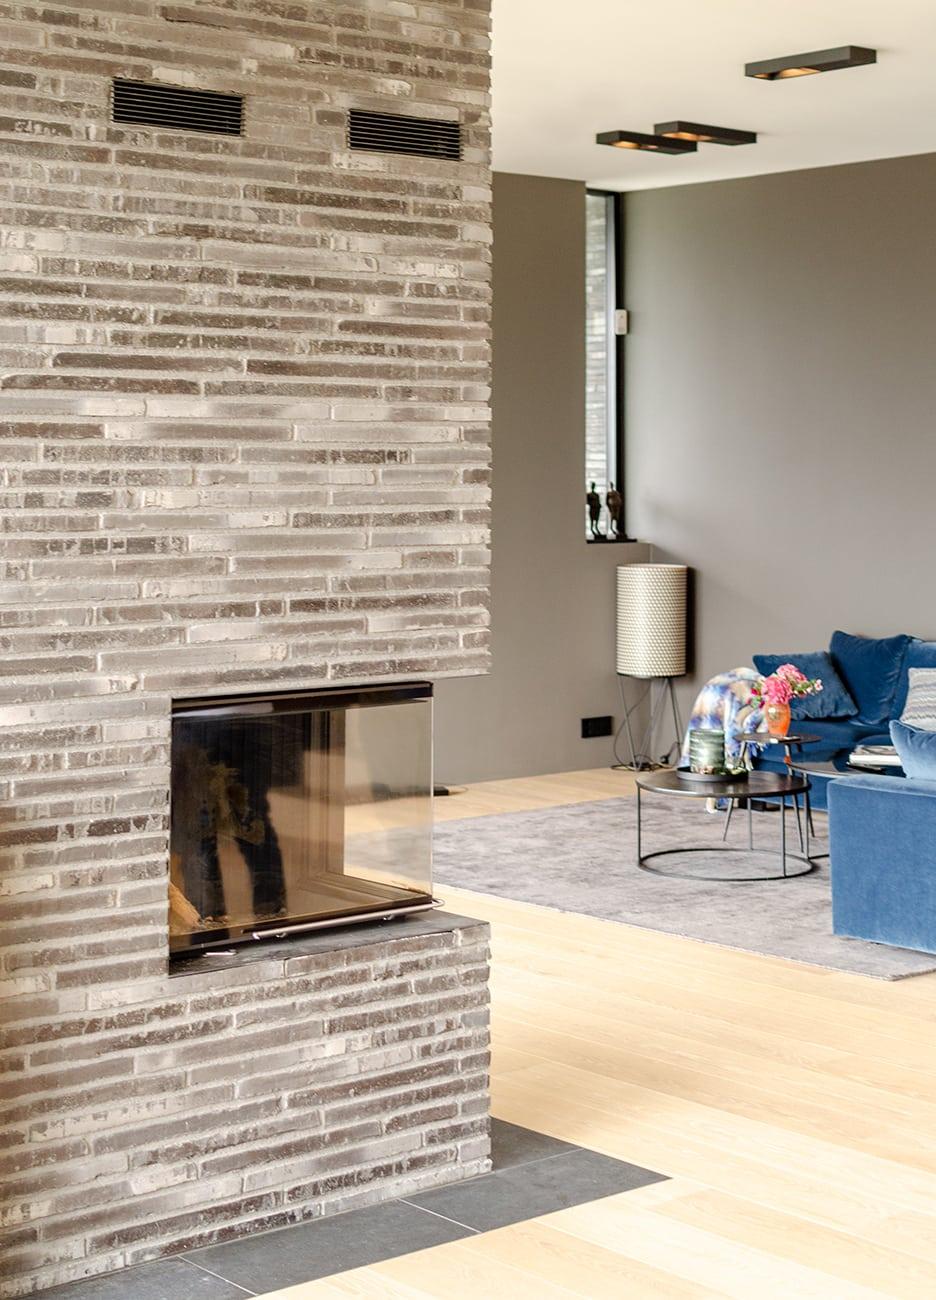 Lier, bolig, stue og peis, Driv Arkitekter